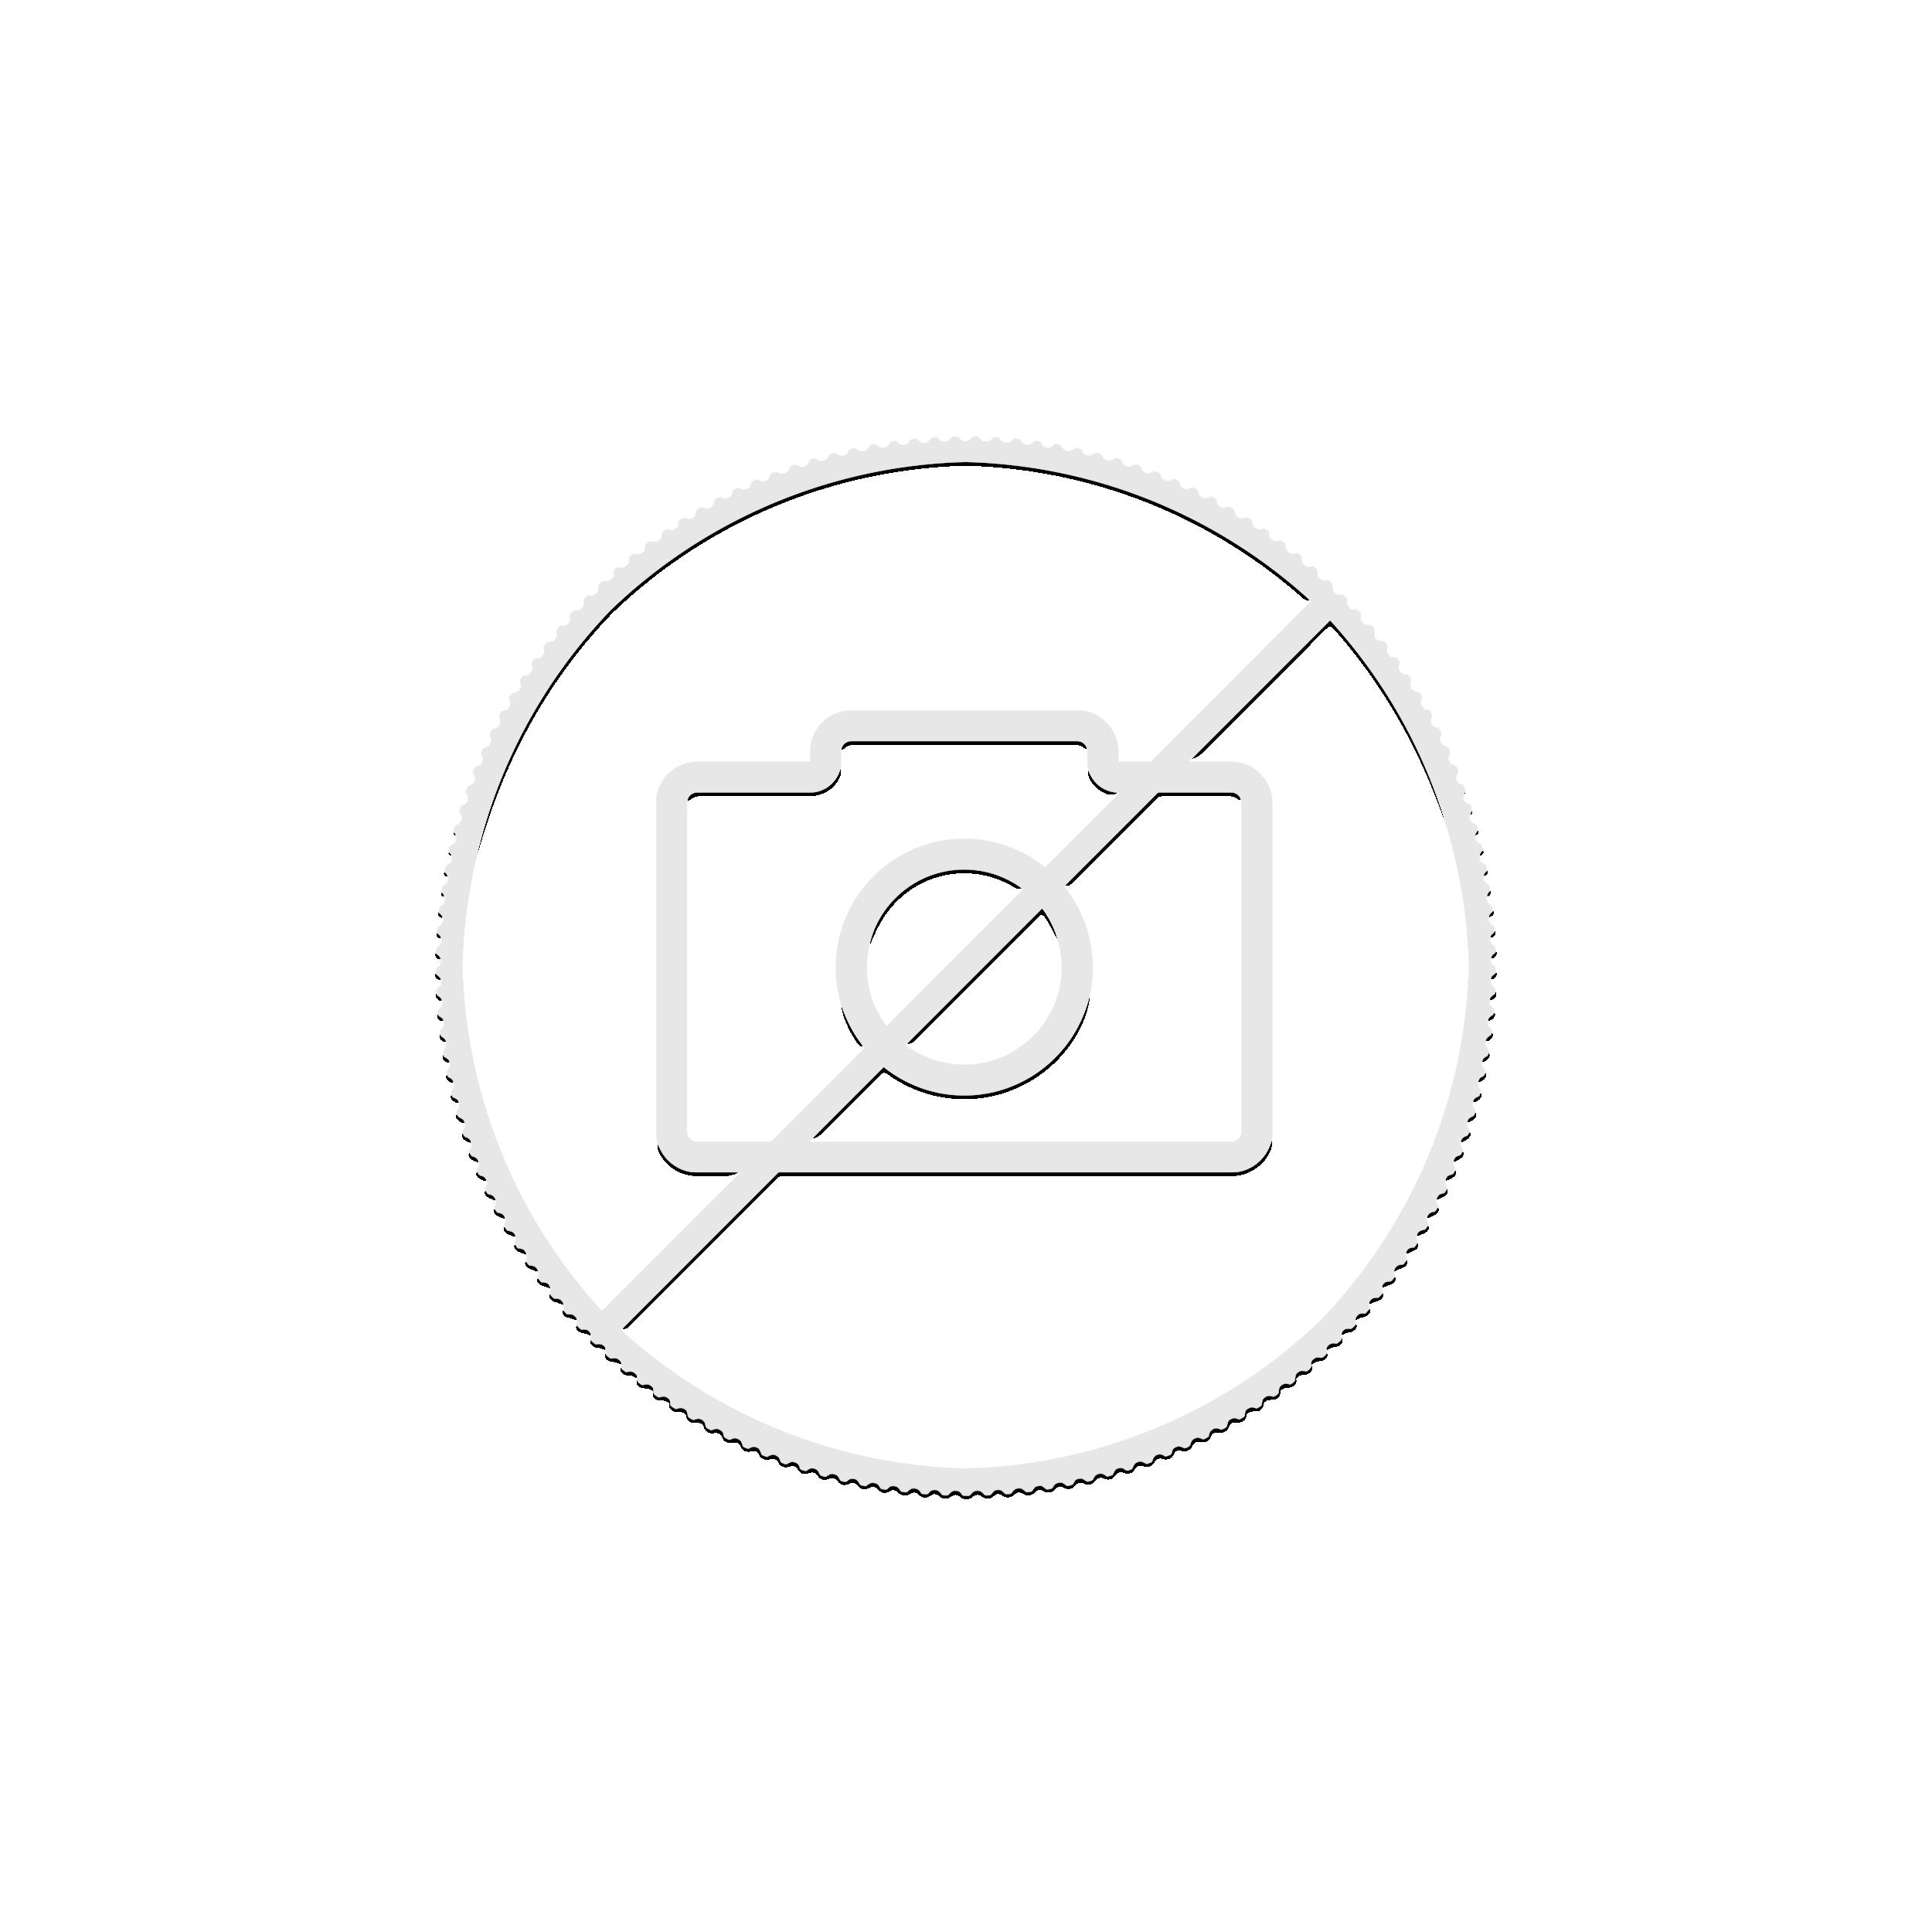 2 troy ounce silver coin Kookaburra 2020